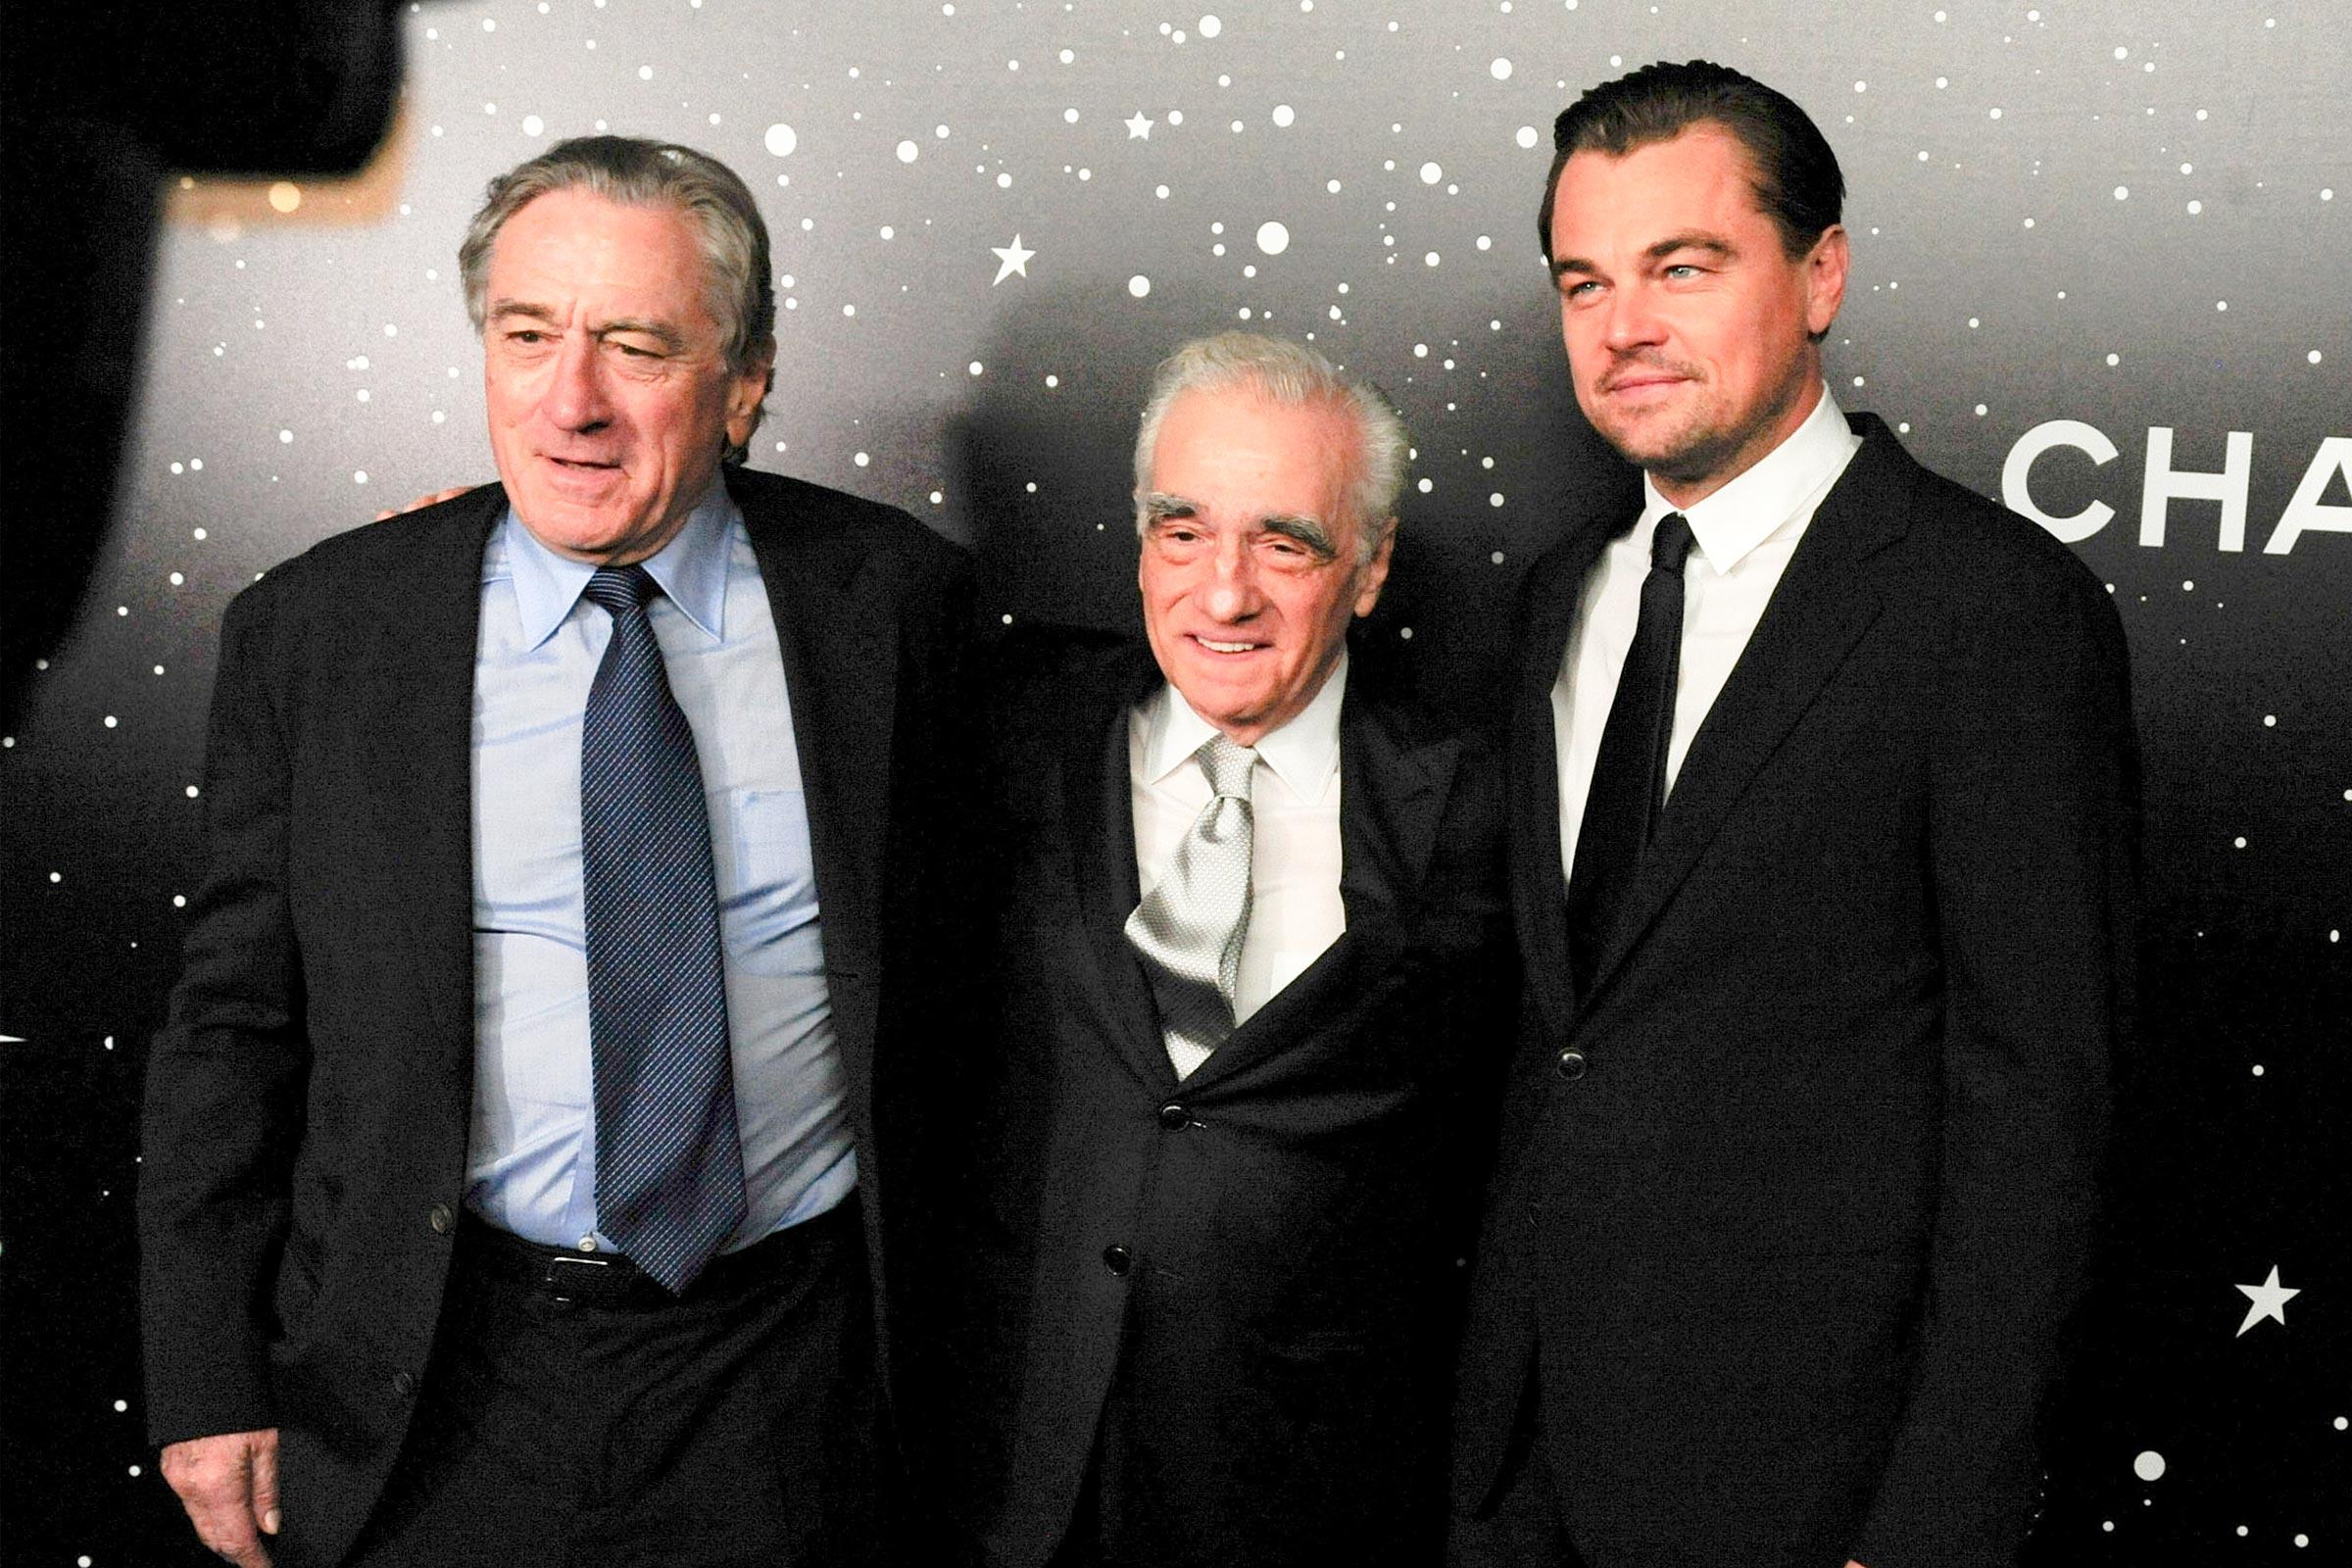 Leonardo DiCaprio e Robert De Niro estarão no próximo filme de Scorsese